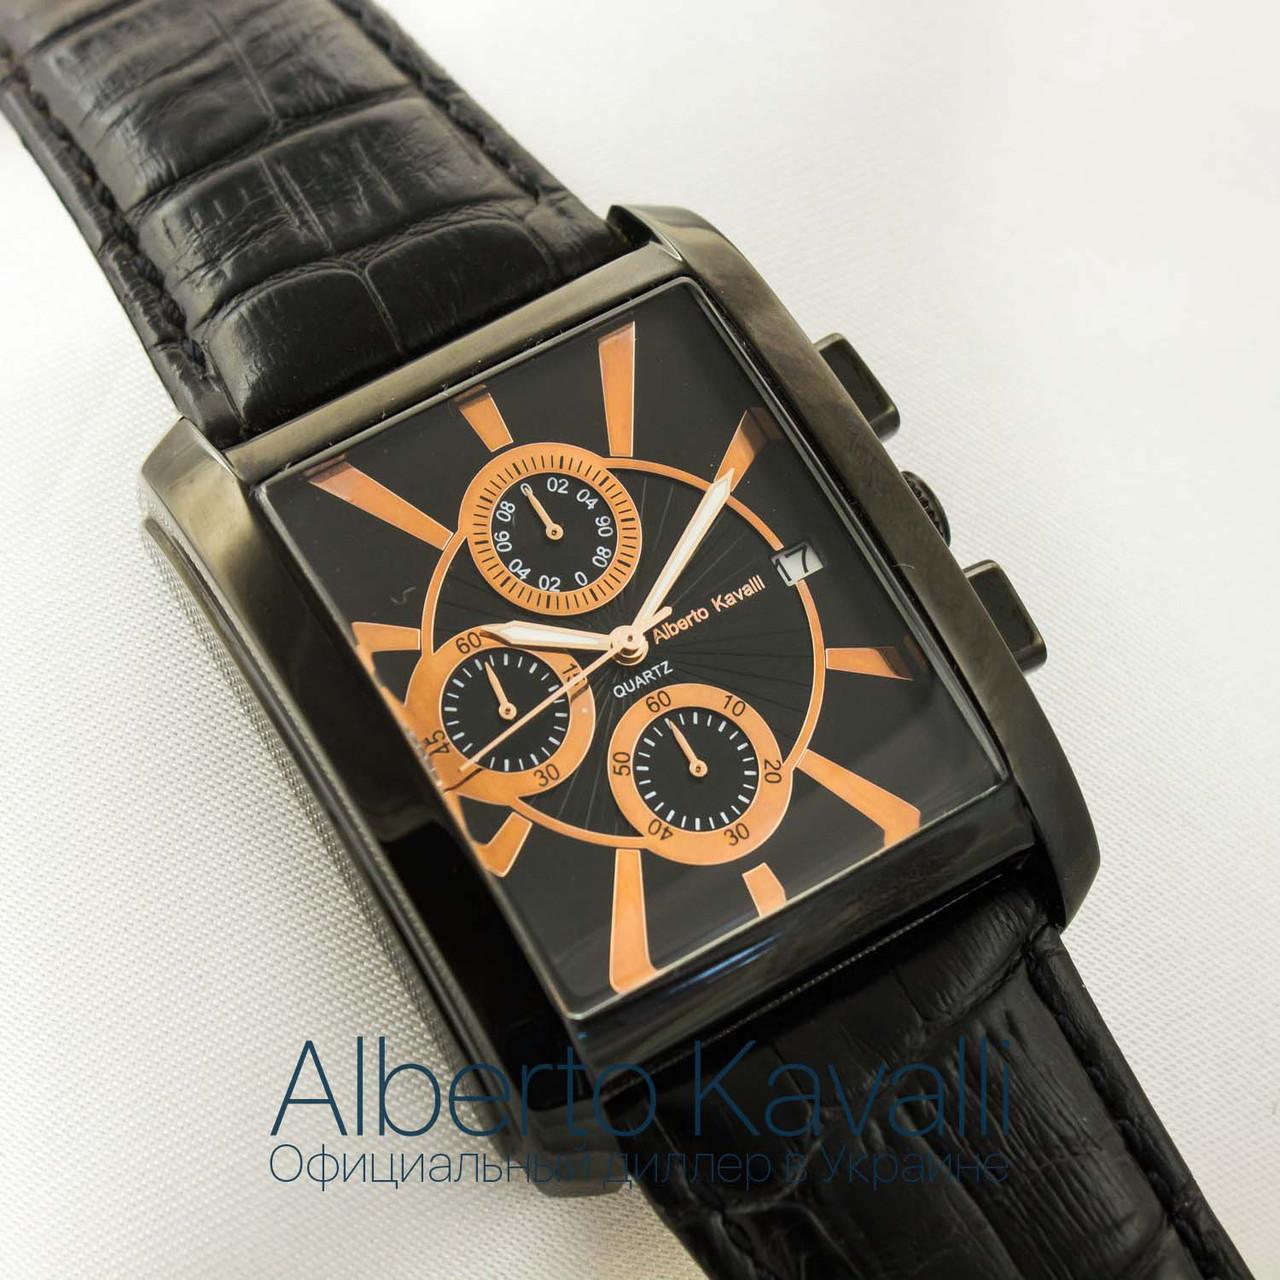 Мужские оригинальные часы Alberto Kavalli black black 3406-s6394 -  megastore.net.ua 022fa0bd41669